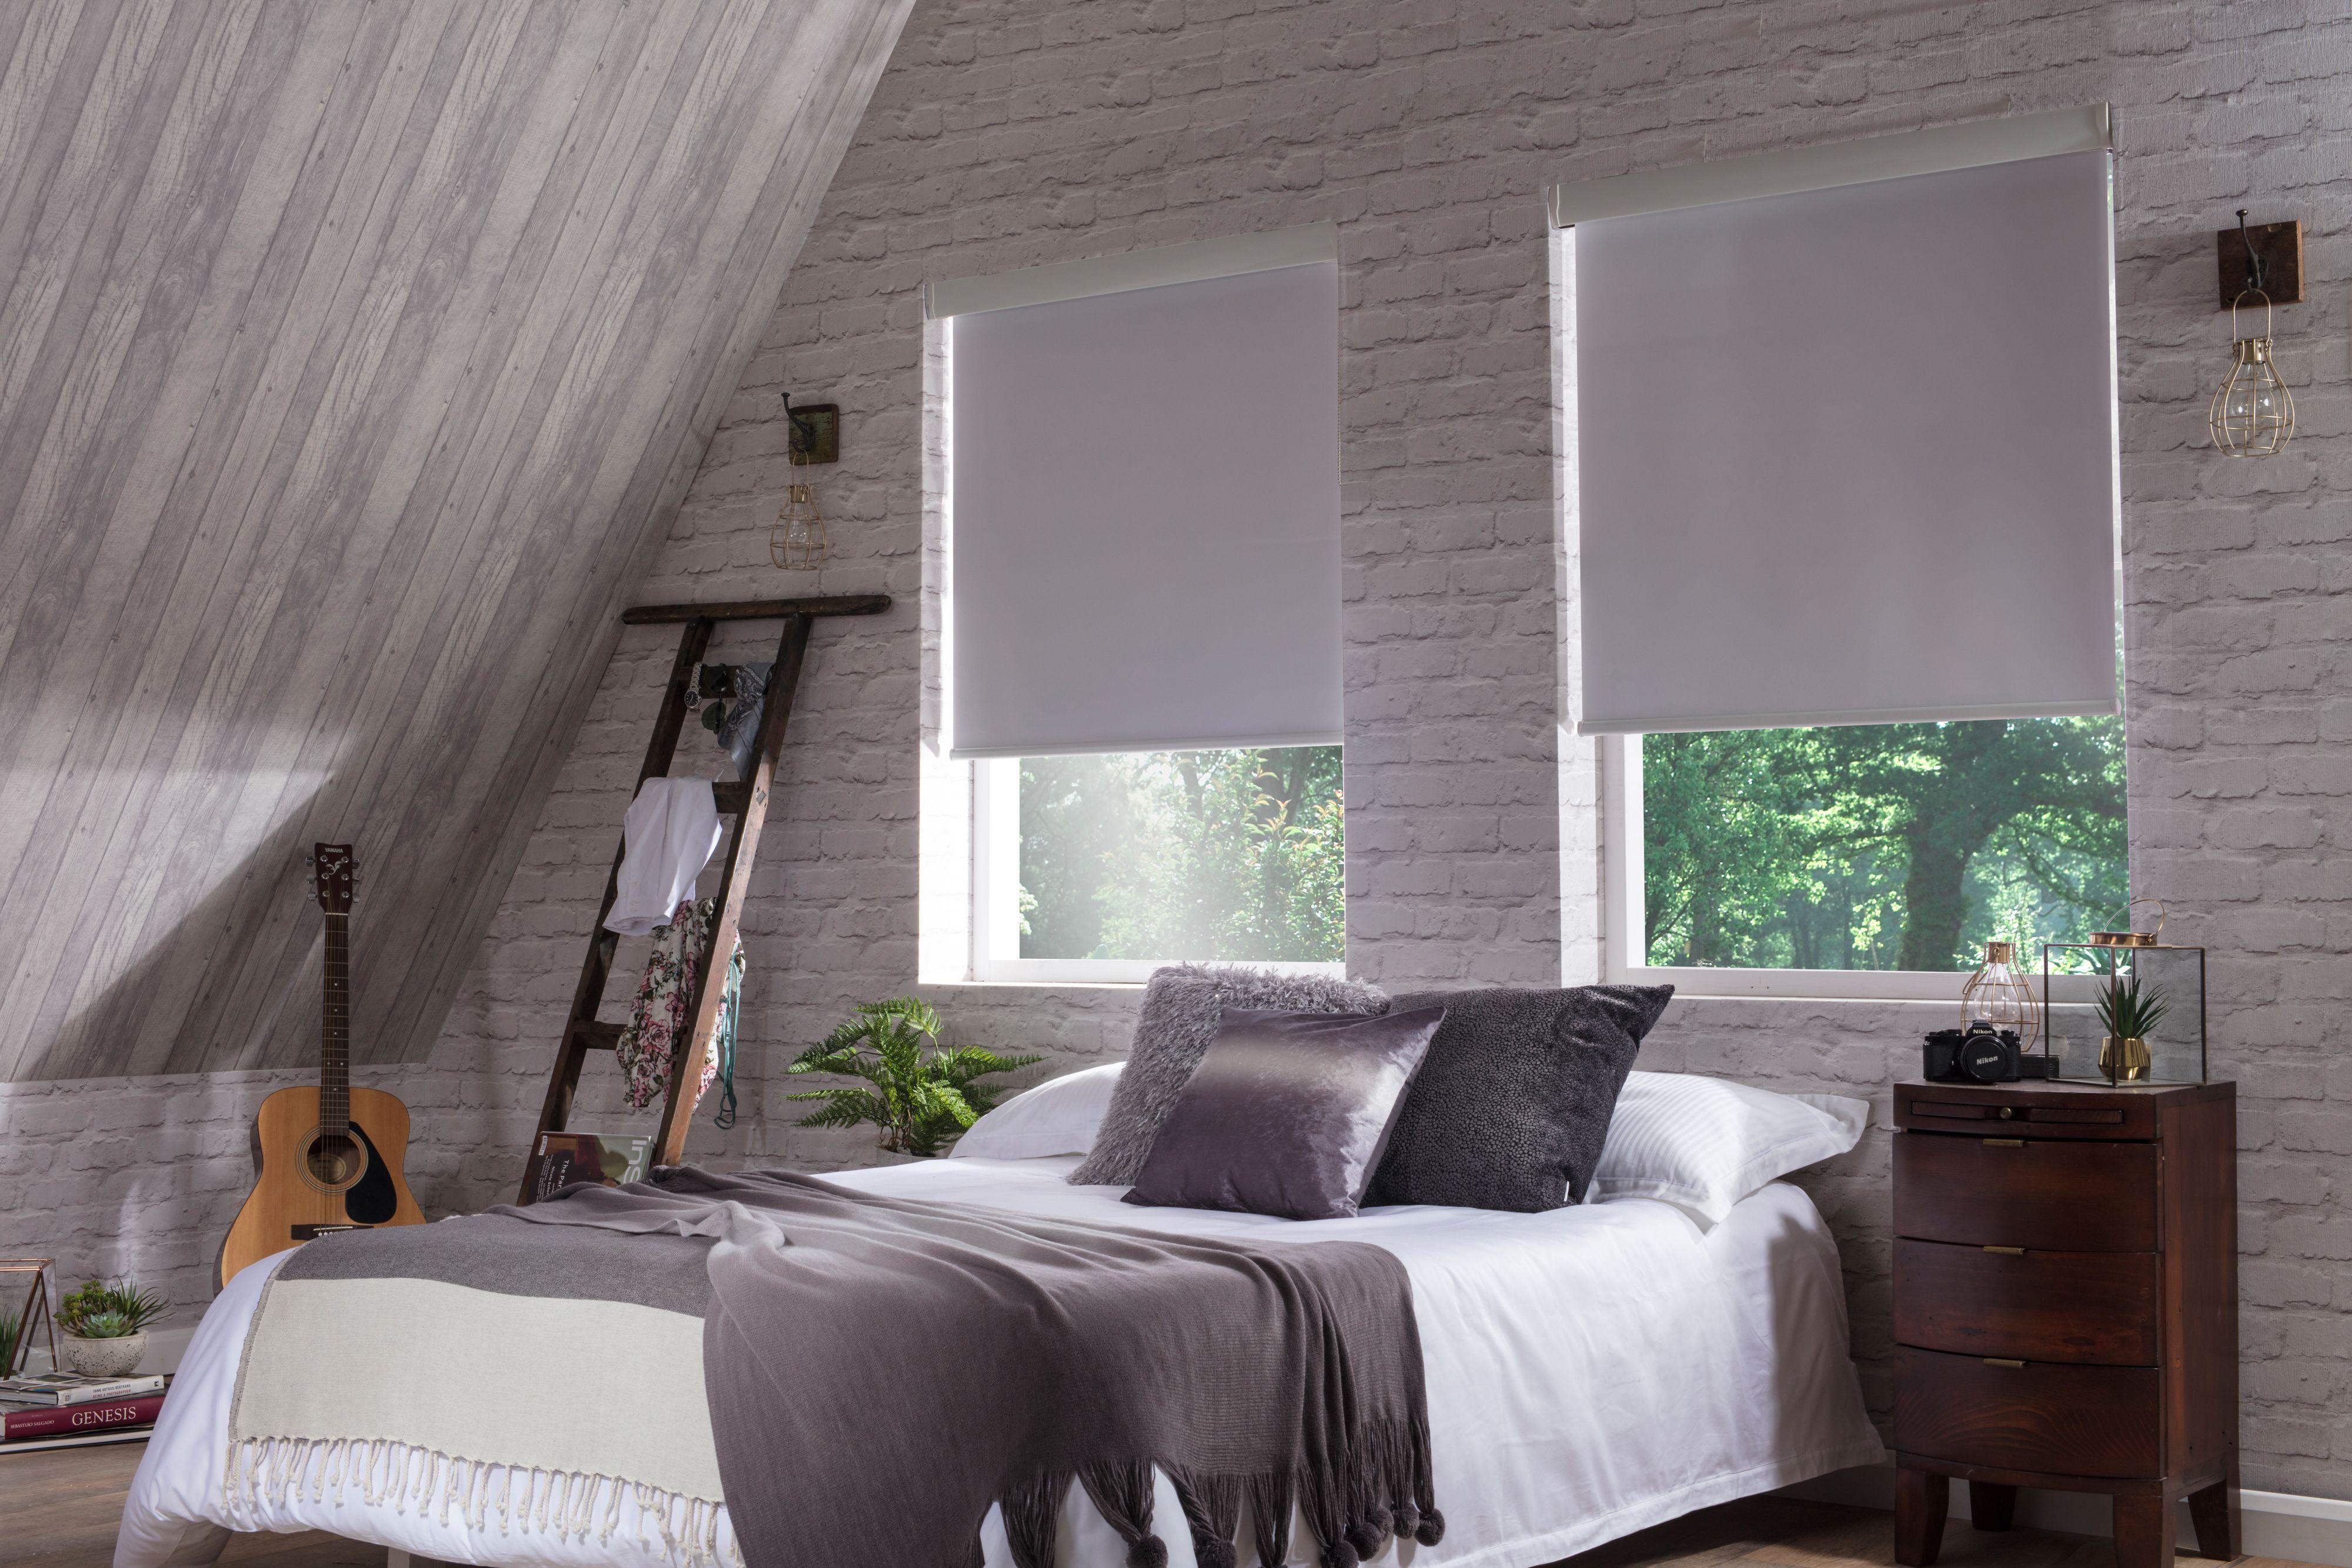 Banlight white bedroom roller blinds from Style Studio. Loft bedroom ...